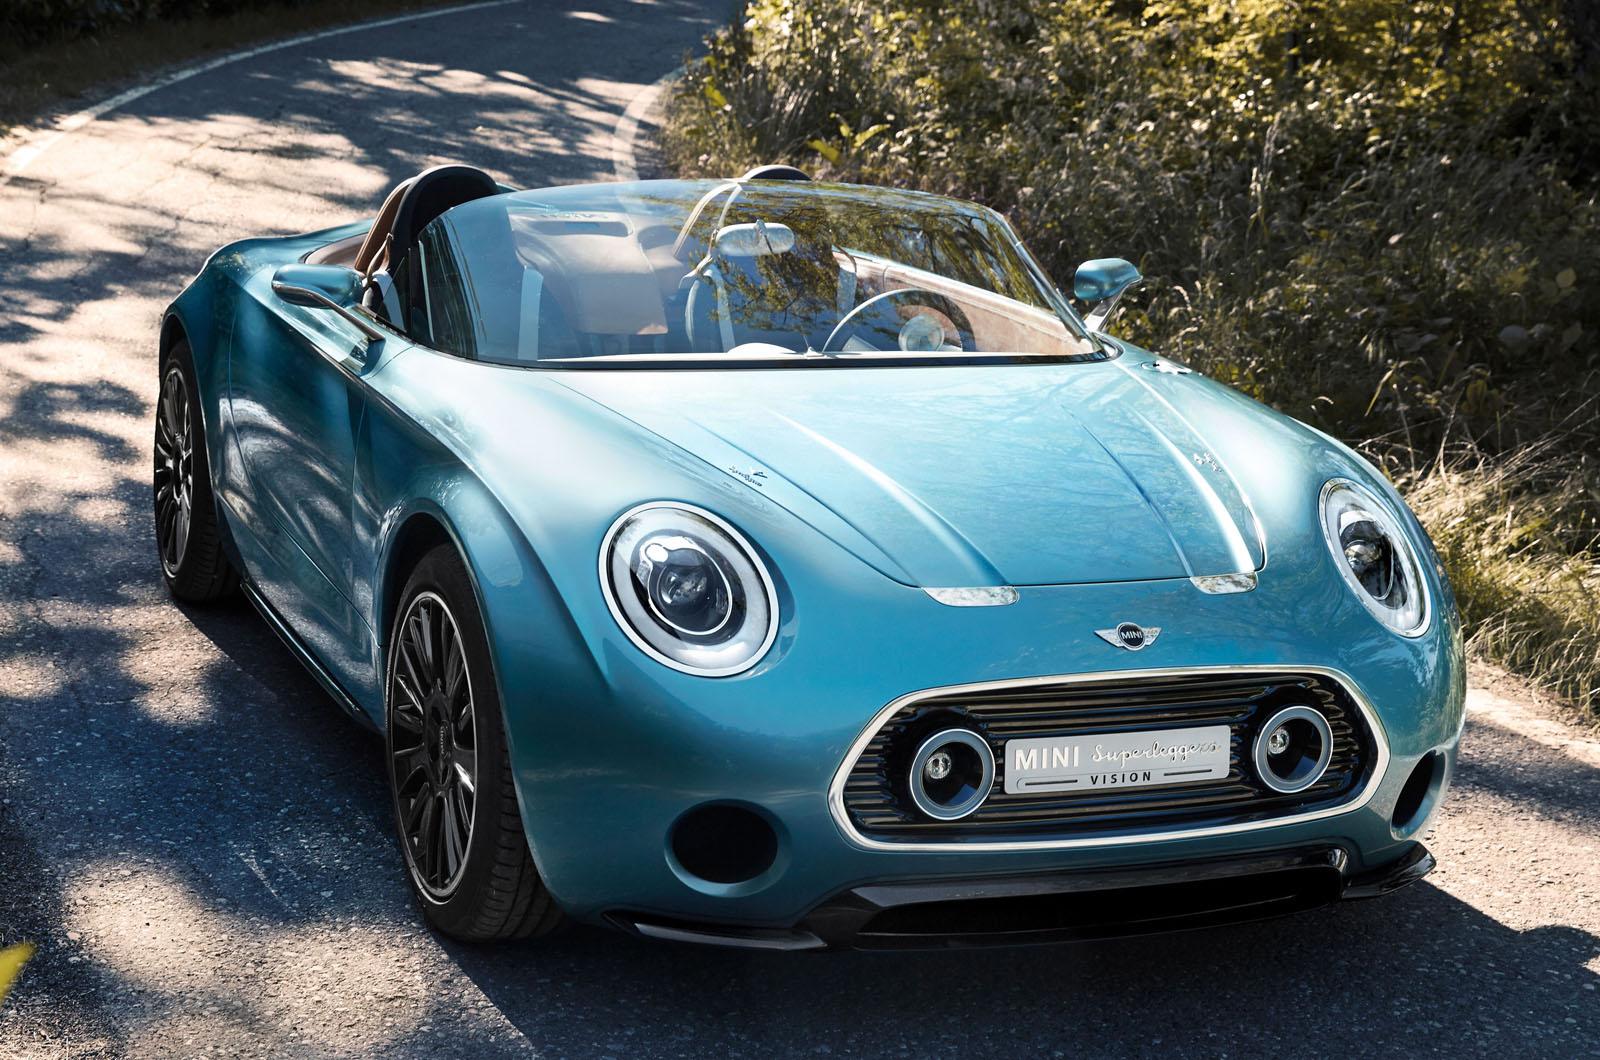 Mini Superleggera Vision Concept Unveiled Autocar